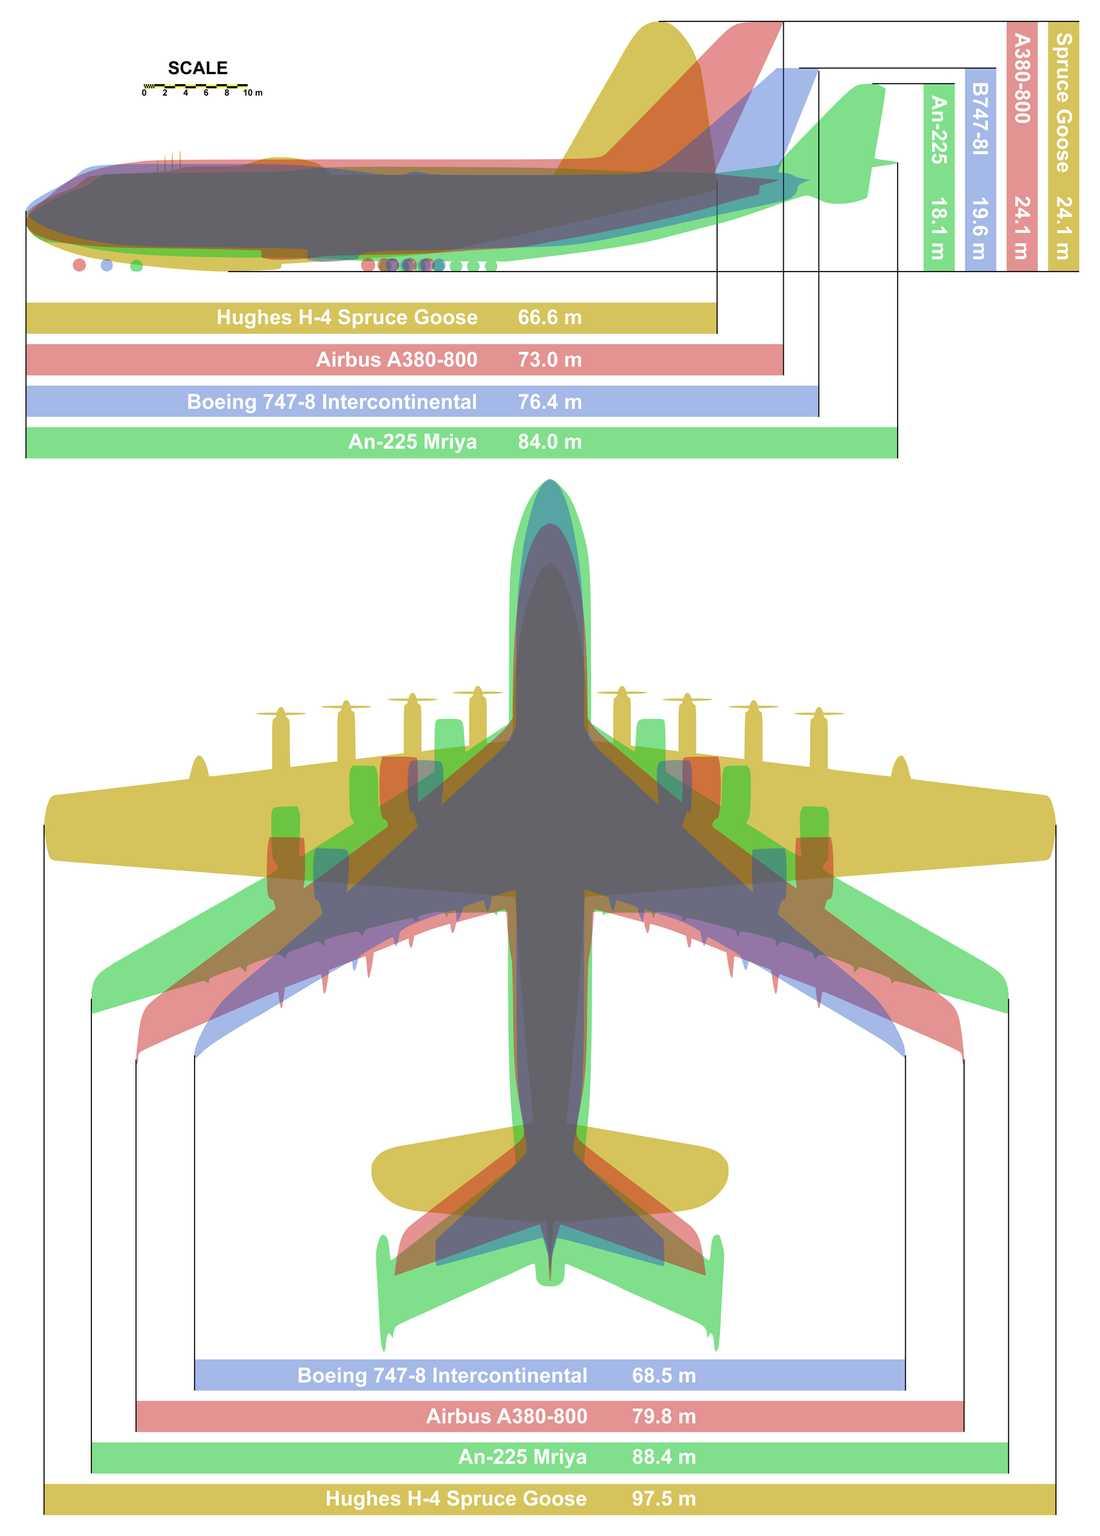 Så stort är planet Jämförelse mellan fyra jätteflygplan. (Klicka för större version.)